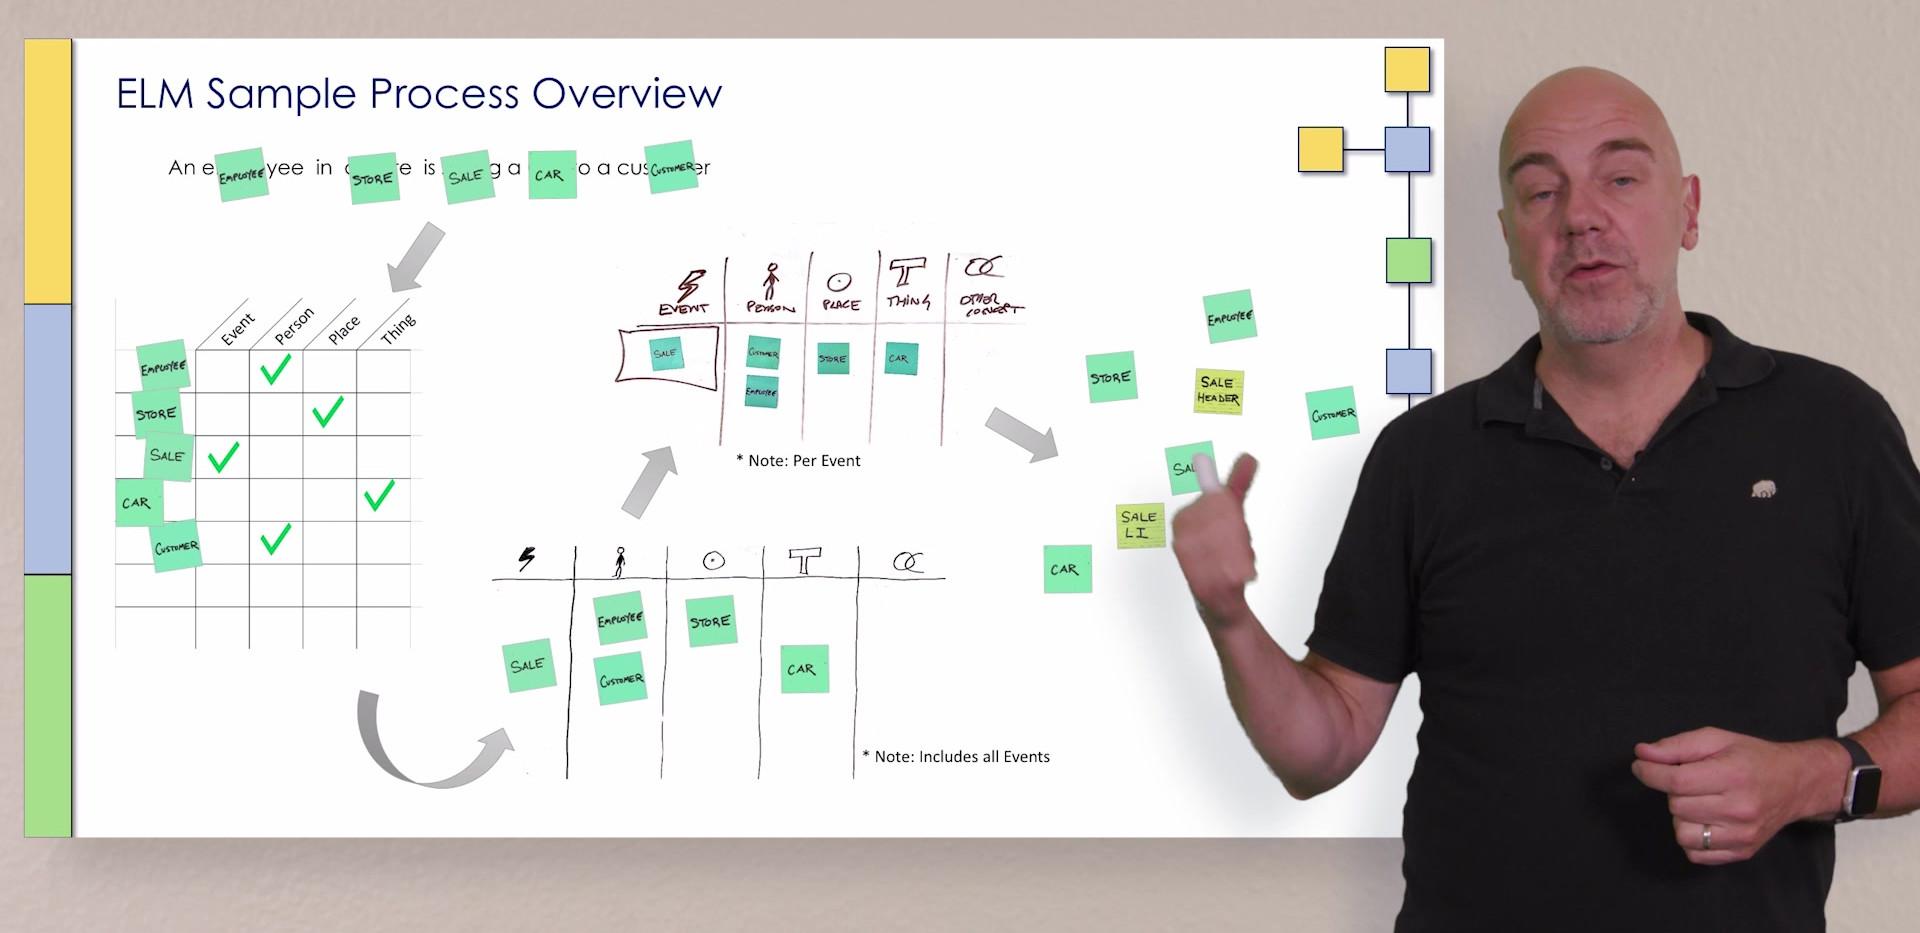 ELM Workshop Sample Process